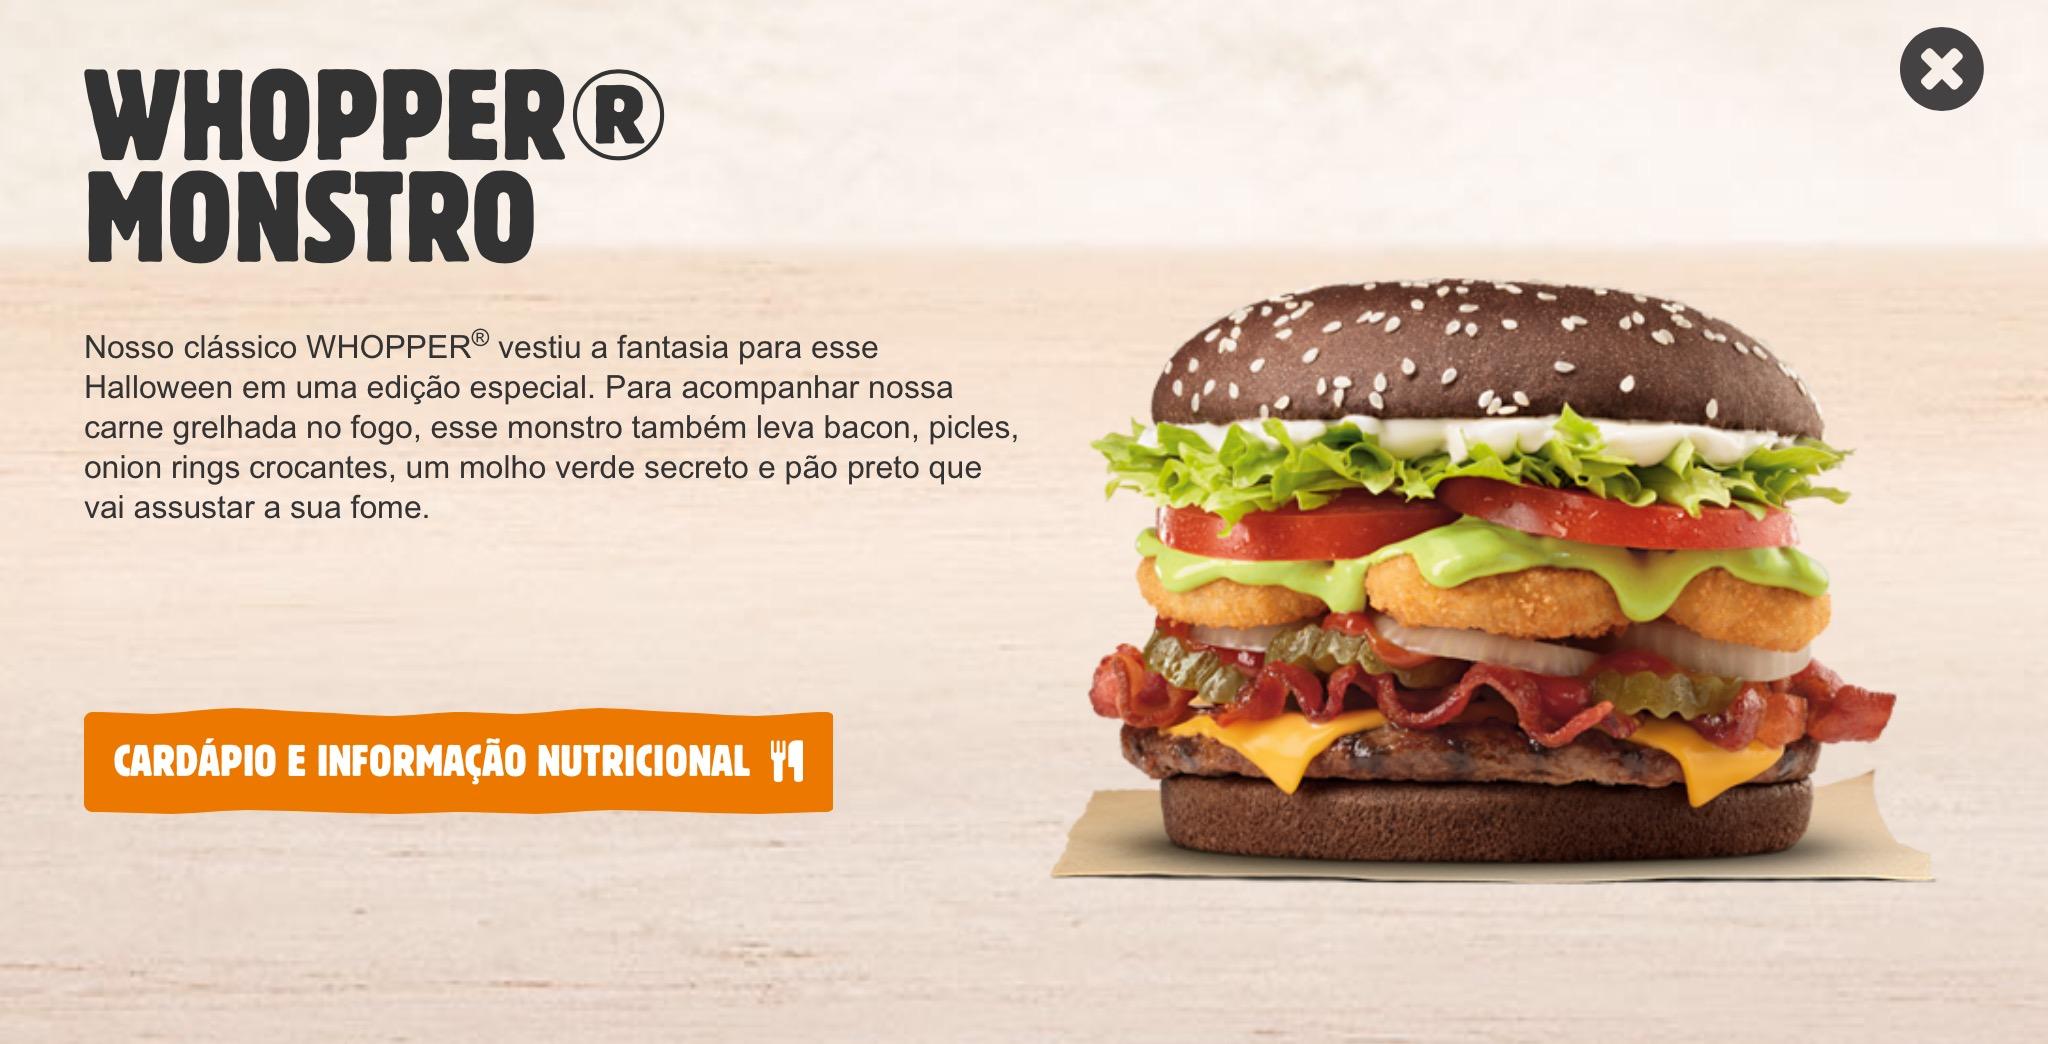 Burger King Monster Whopper